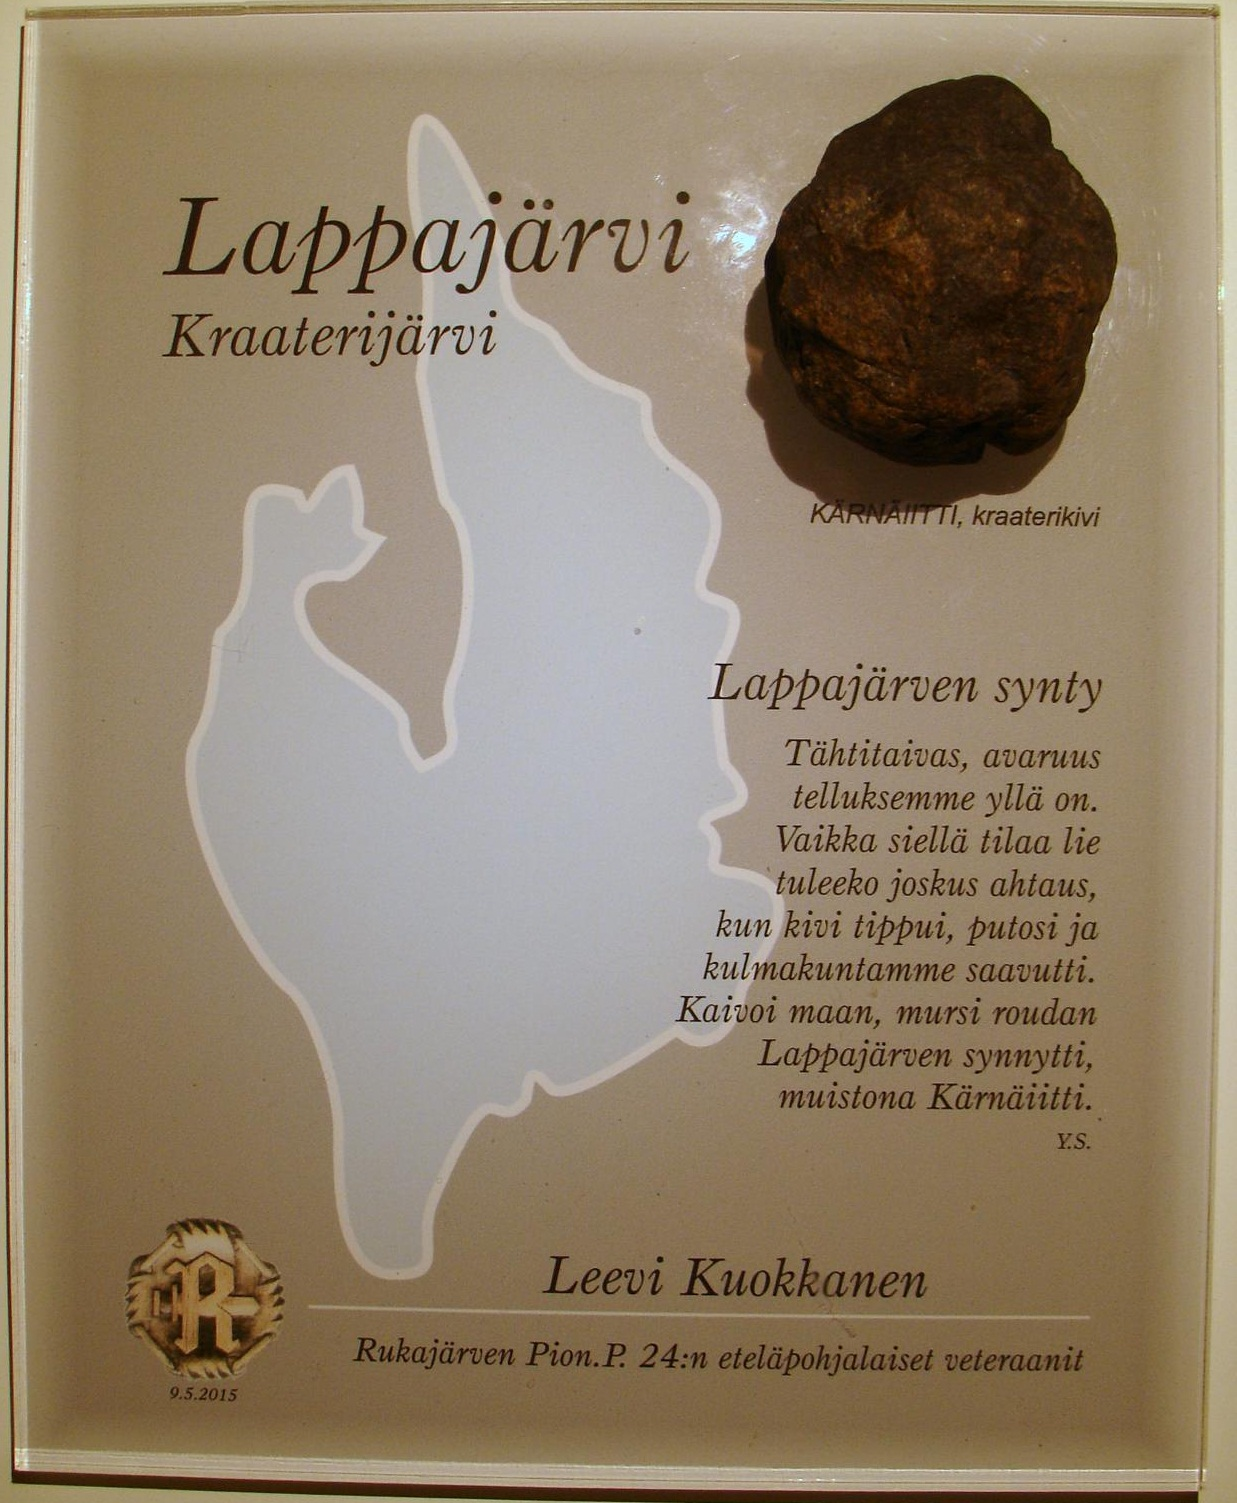 PionP. 24:n veteraanikilta luovutti arkkitehti Mikko Päällysahon suunnitteleman muistotaulun, johon on liinnitetty Lappajärven KÄRNÄIITTI, kraaterikivi. Muistolaatassa on lisäksi Yrjö Savolan kirjoittama runo.